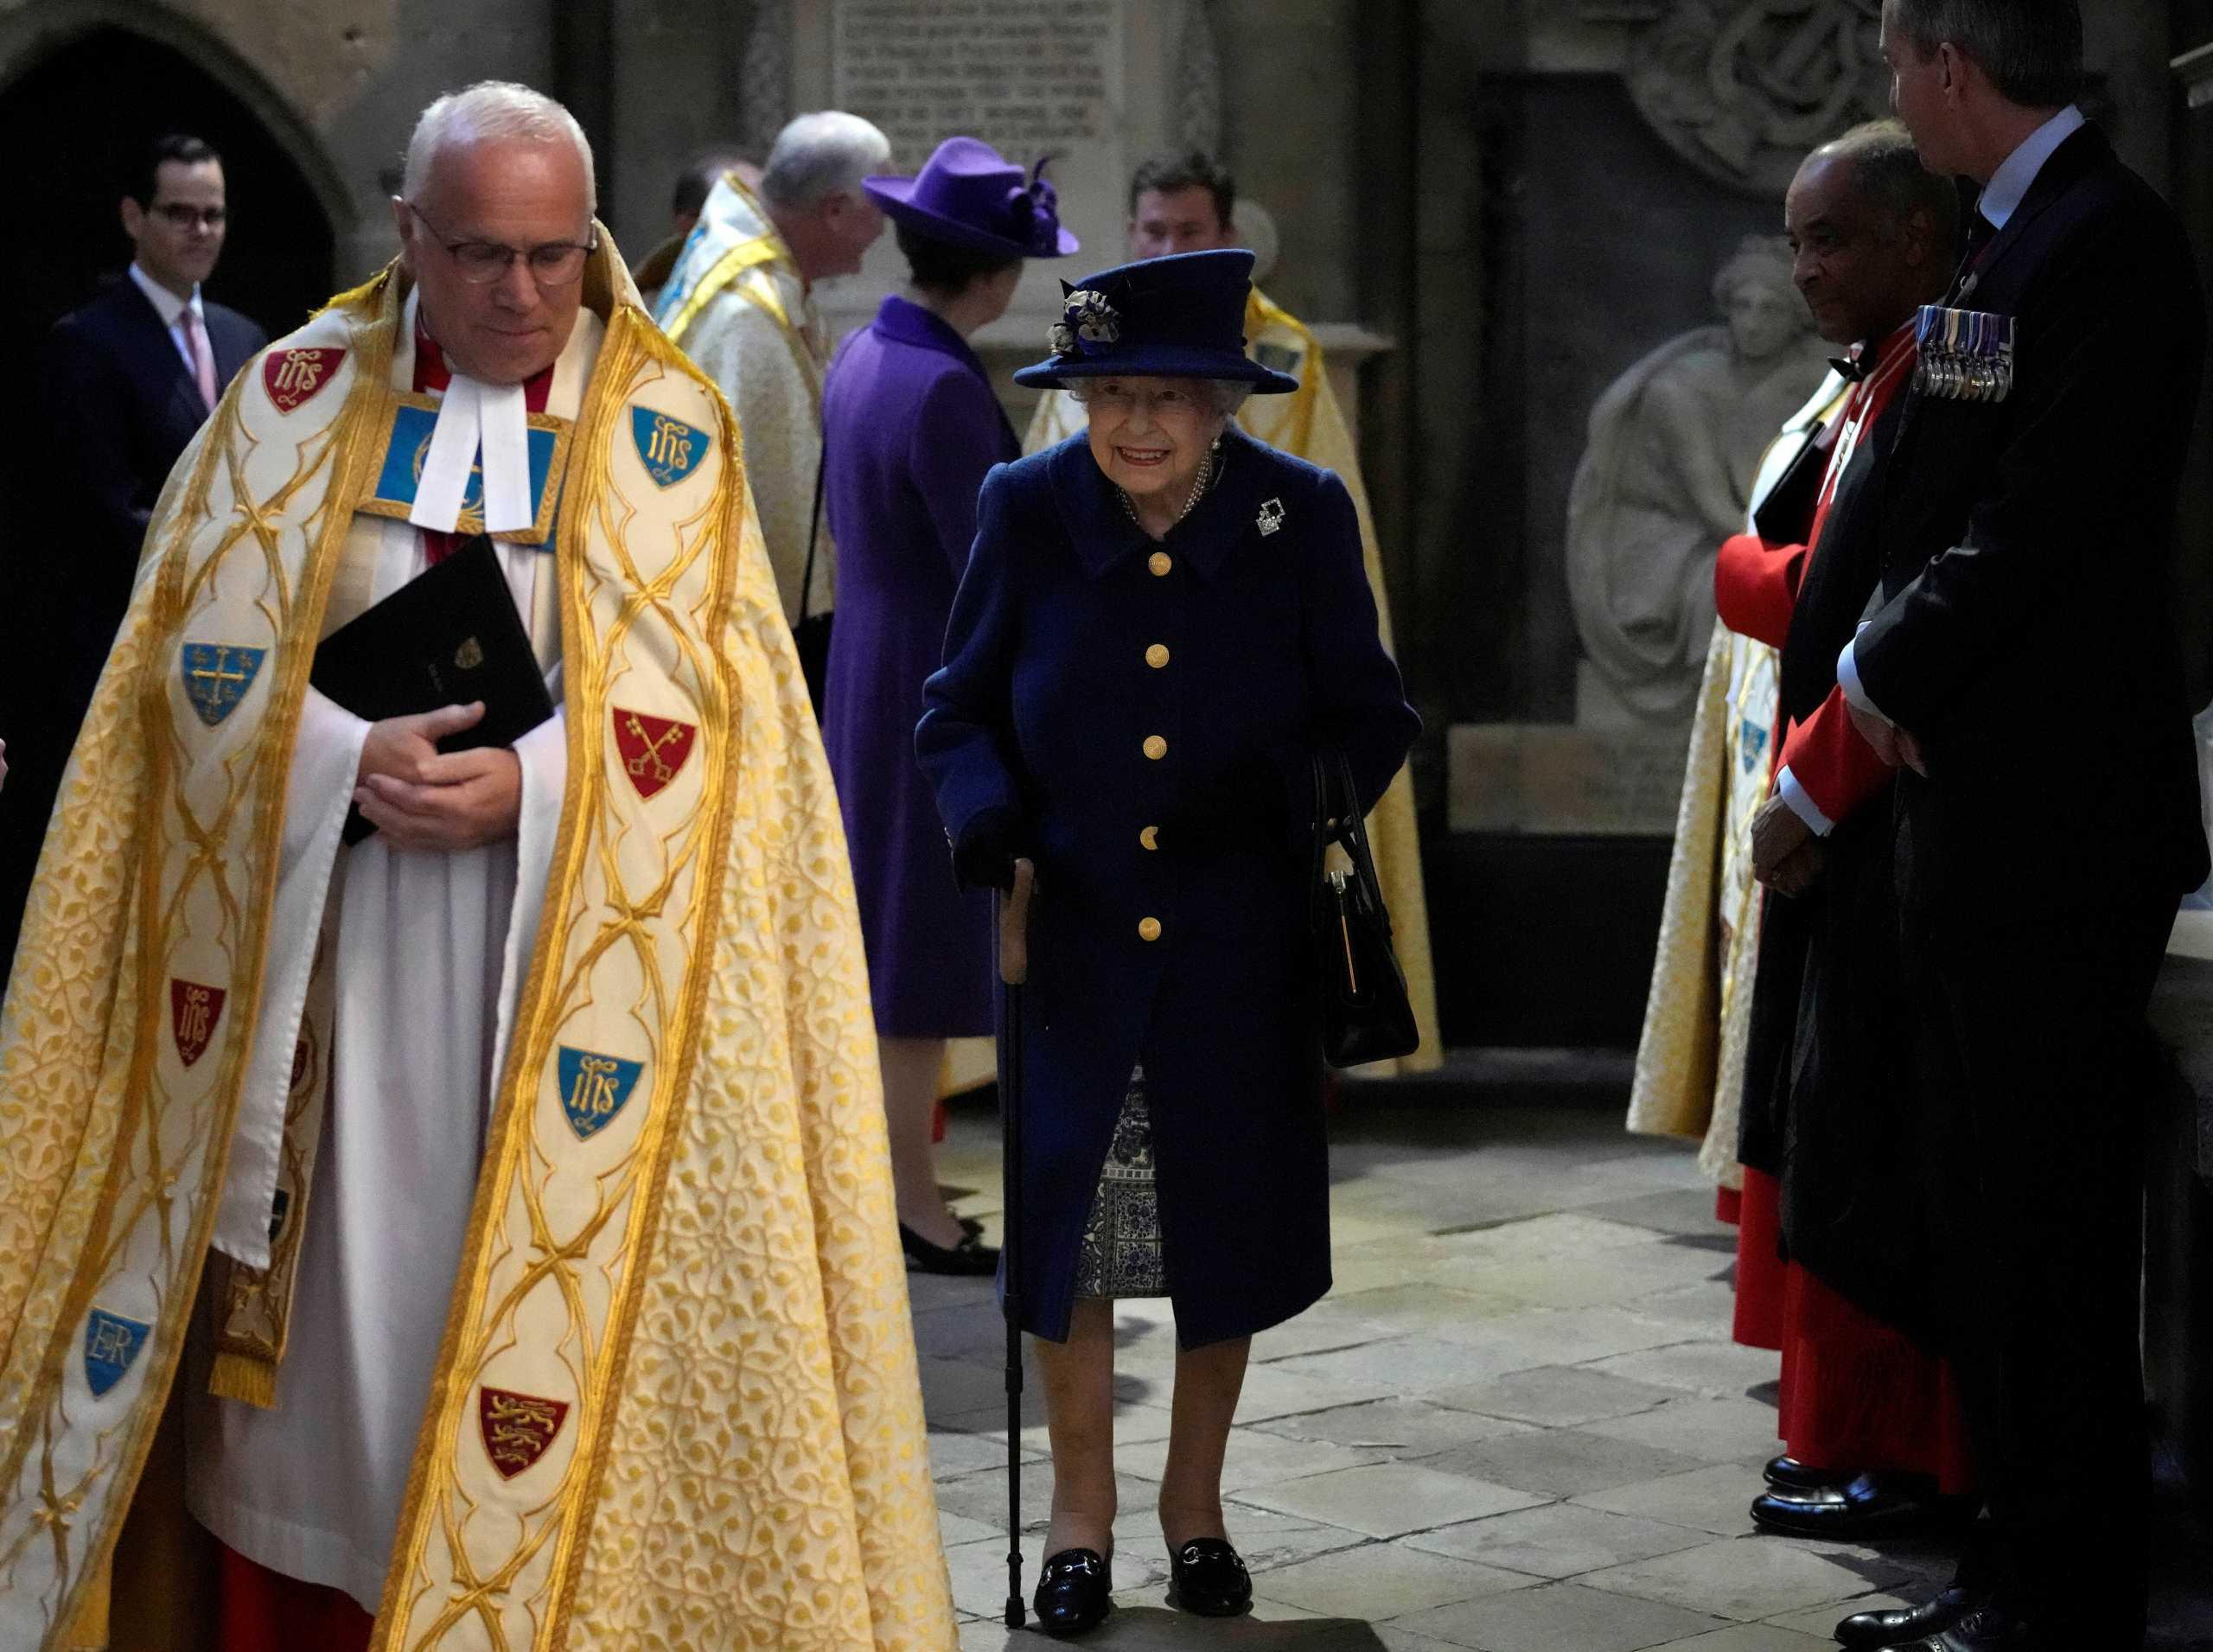 Βασίλισσα Ελισάβετ: Με μπαστούνι μετά από 17 χρόνια